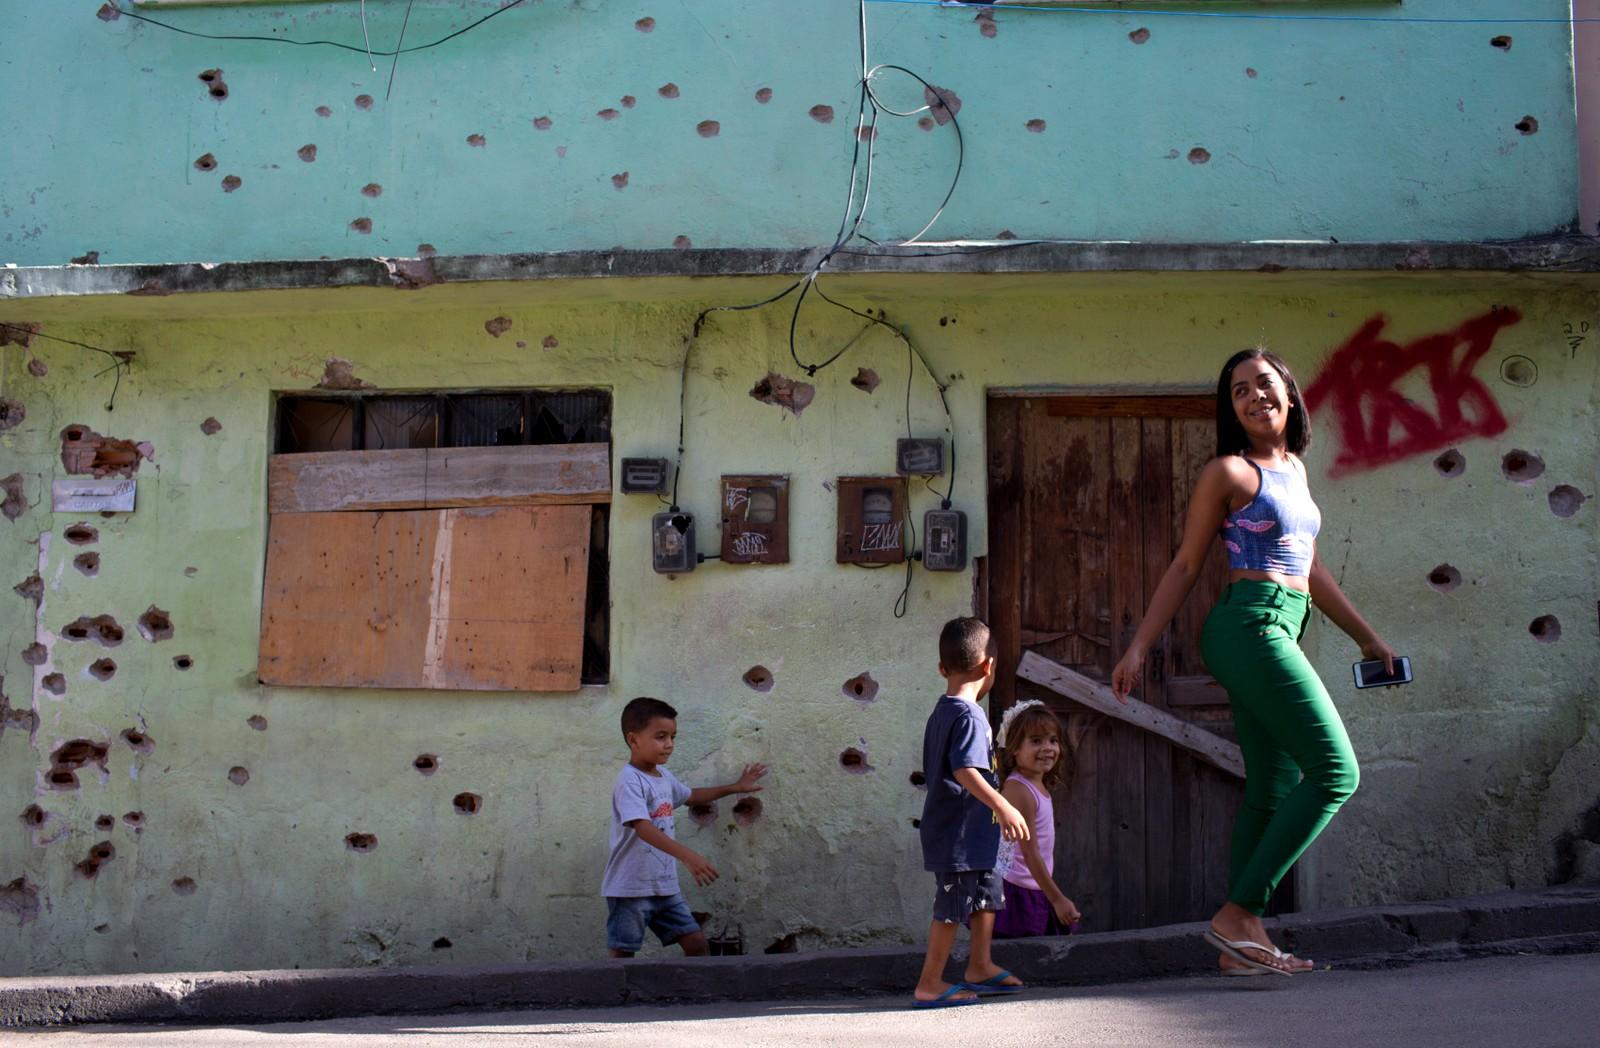 En kvinne og tre barn i favelaen Complexo de Aleamo i Rio de Janeiro, Brasil. På veggen bak ser vi kulehull etter kamper mellom politi og gjengmedlemmer.